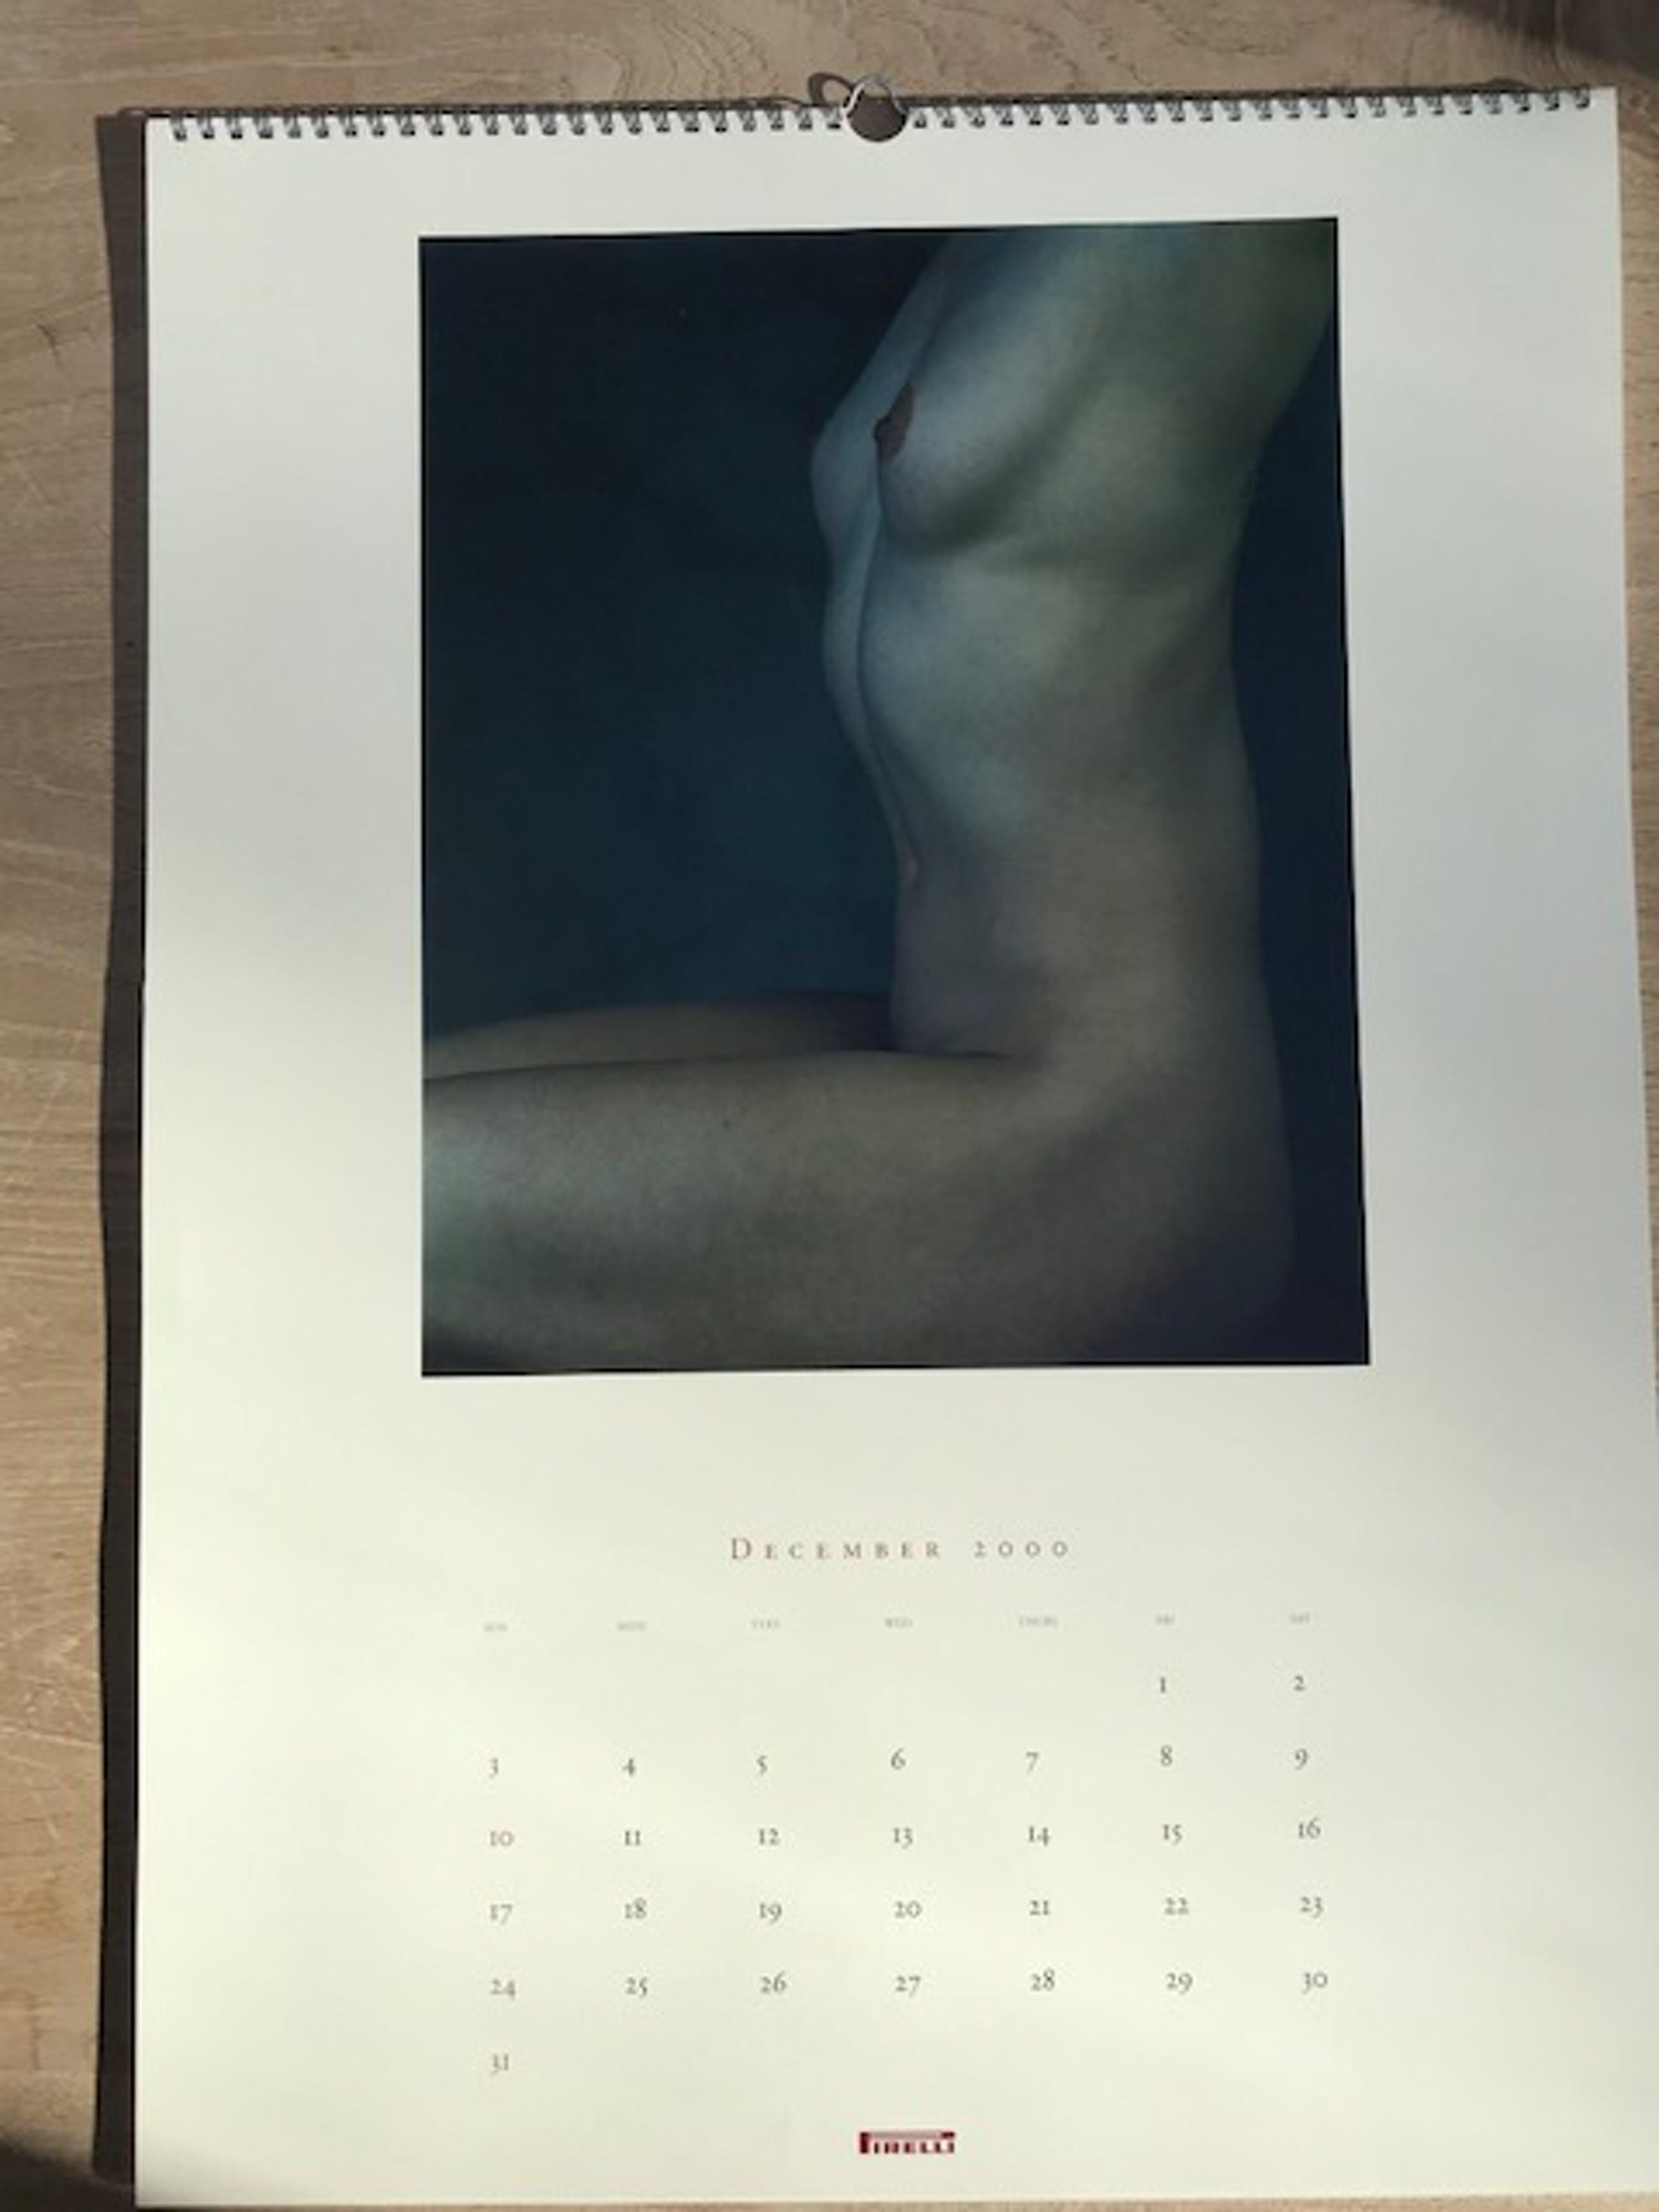 Annie Leibovitz - Pirelli kalender 2000 kopen? Bied vanaf 50!